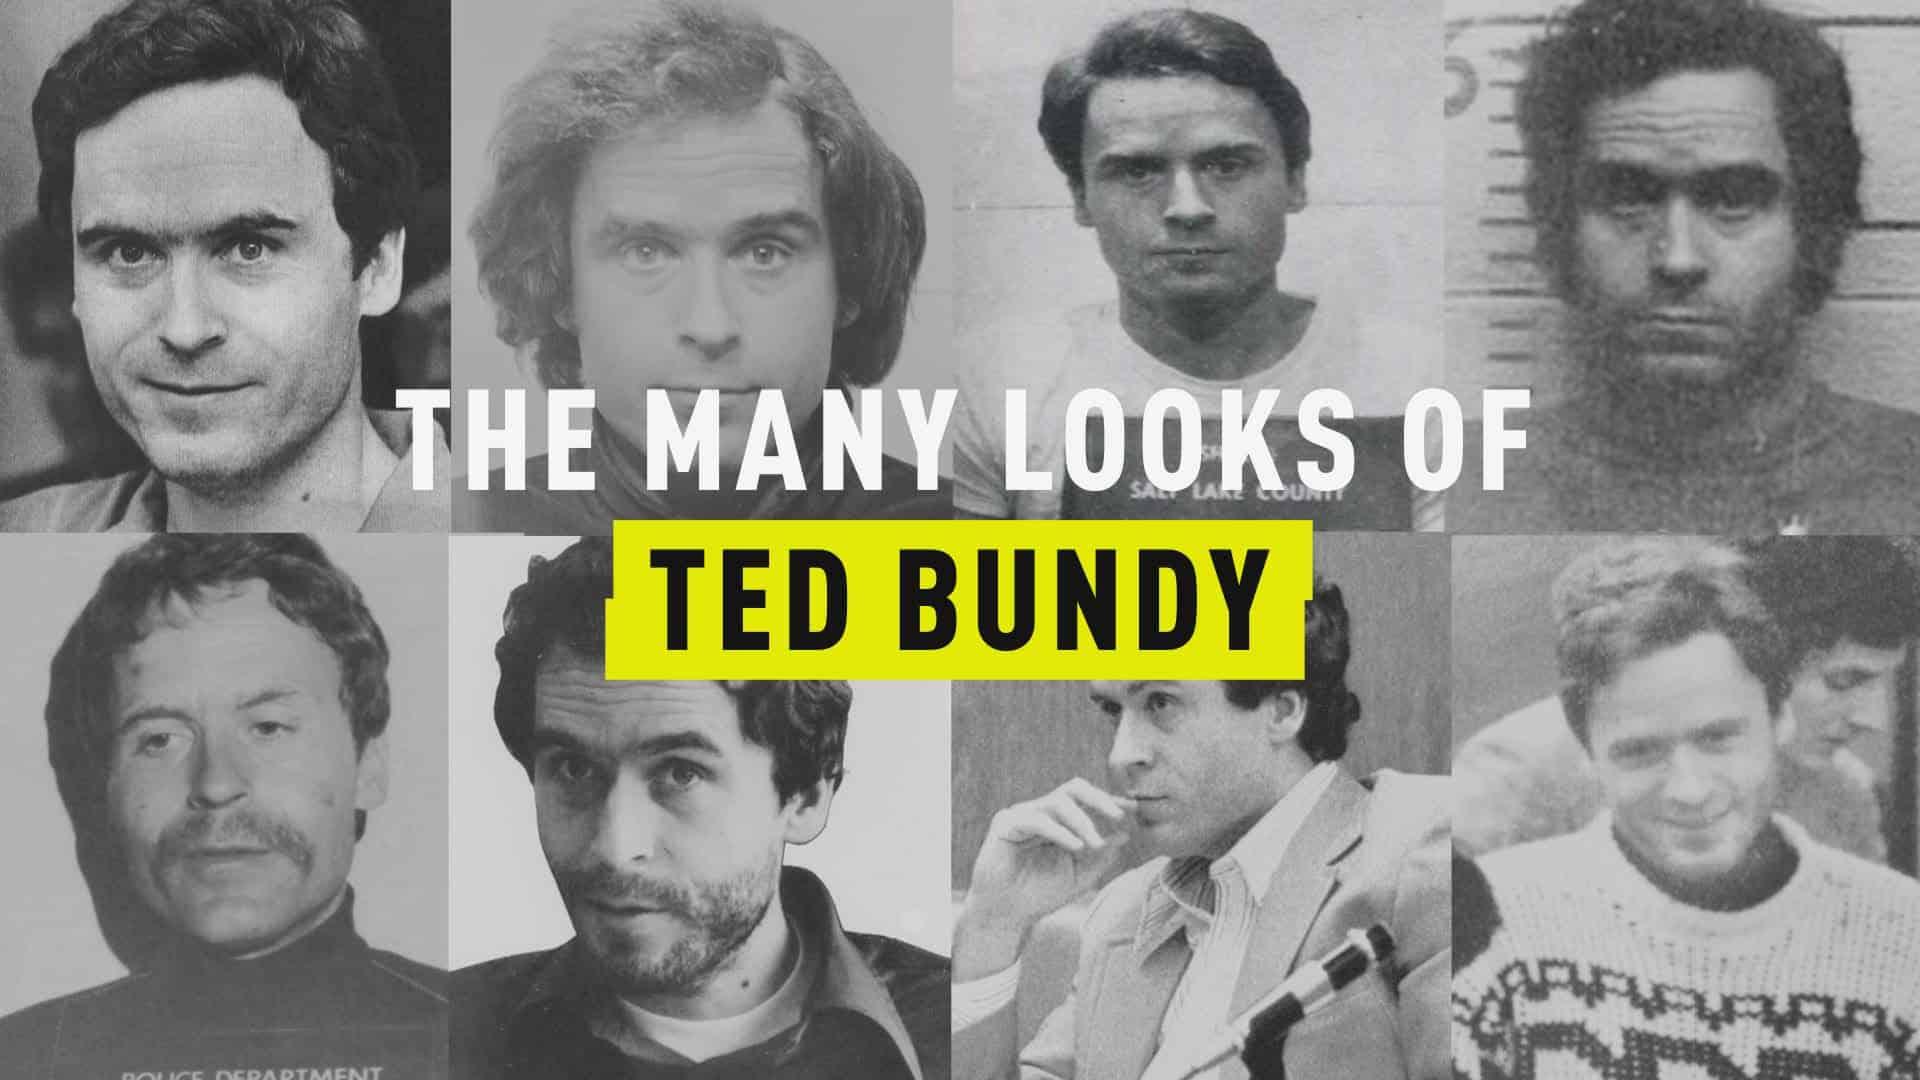 Η ιστορία του Ted Bundy σε docu-series στο Netflix